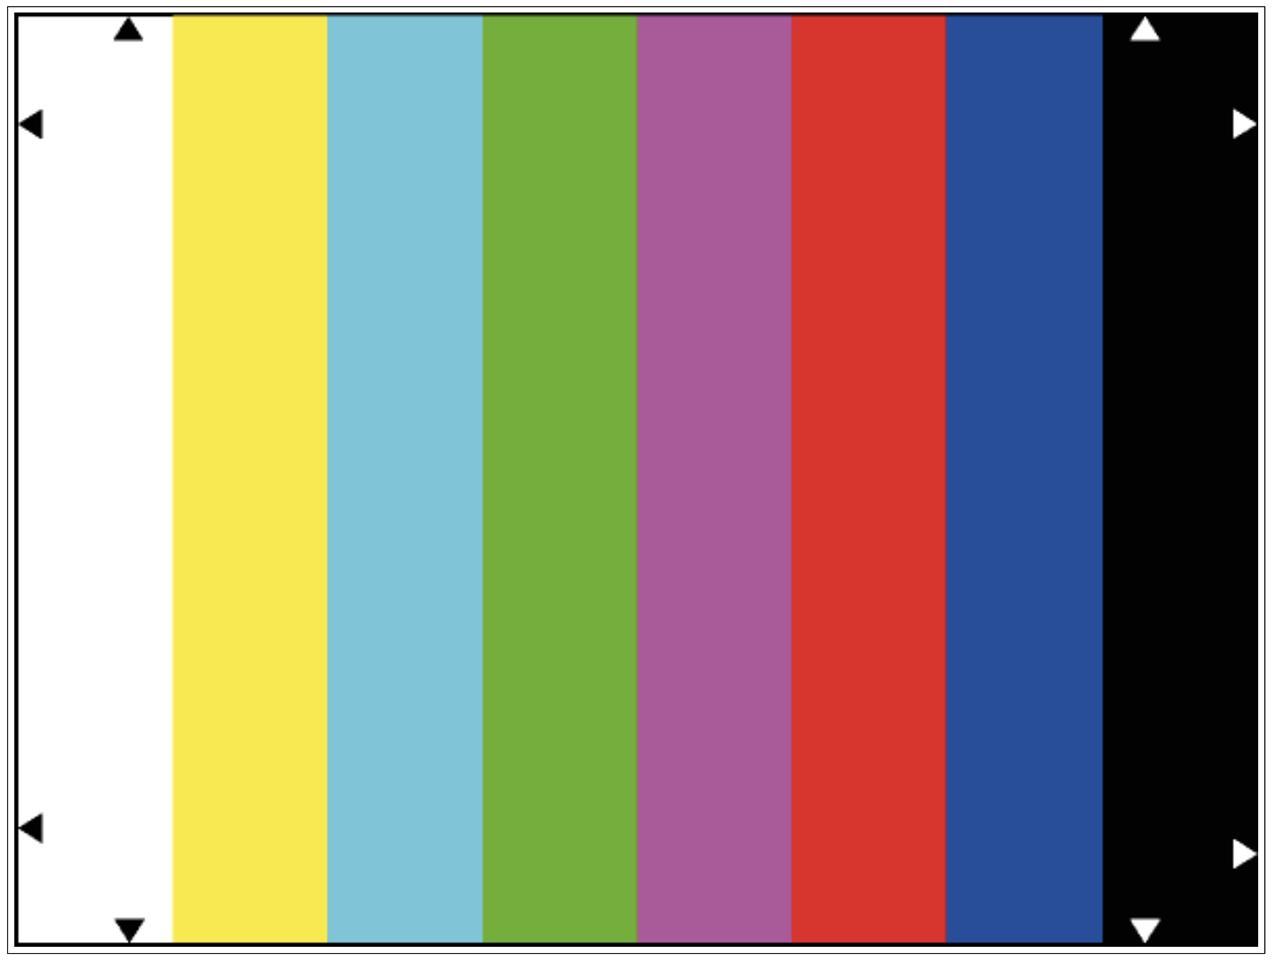 彩色测试卡